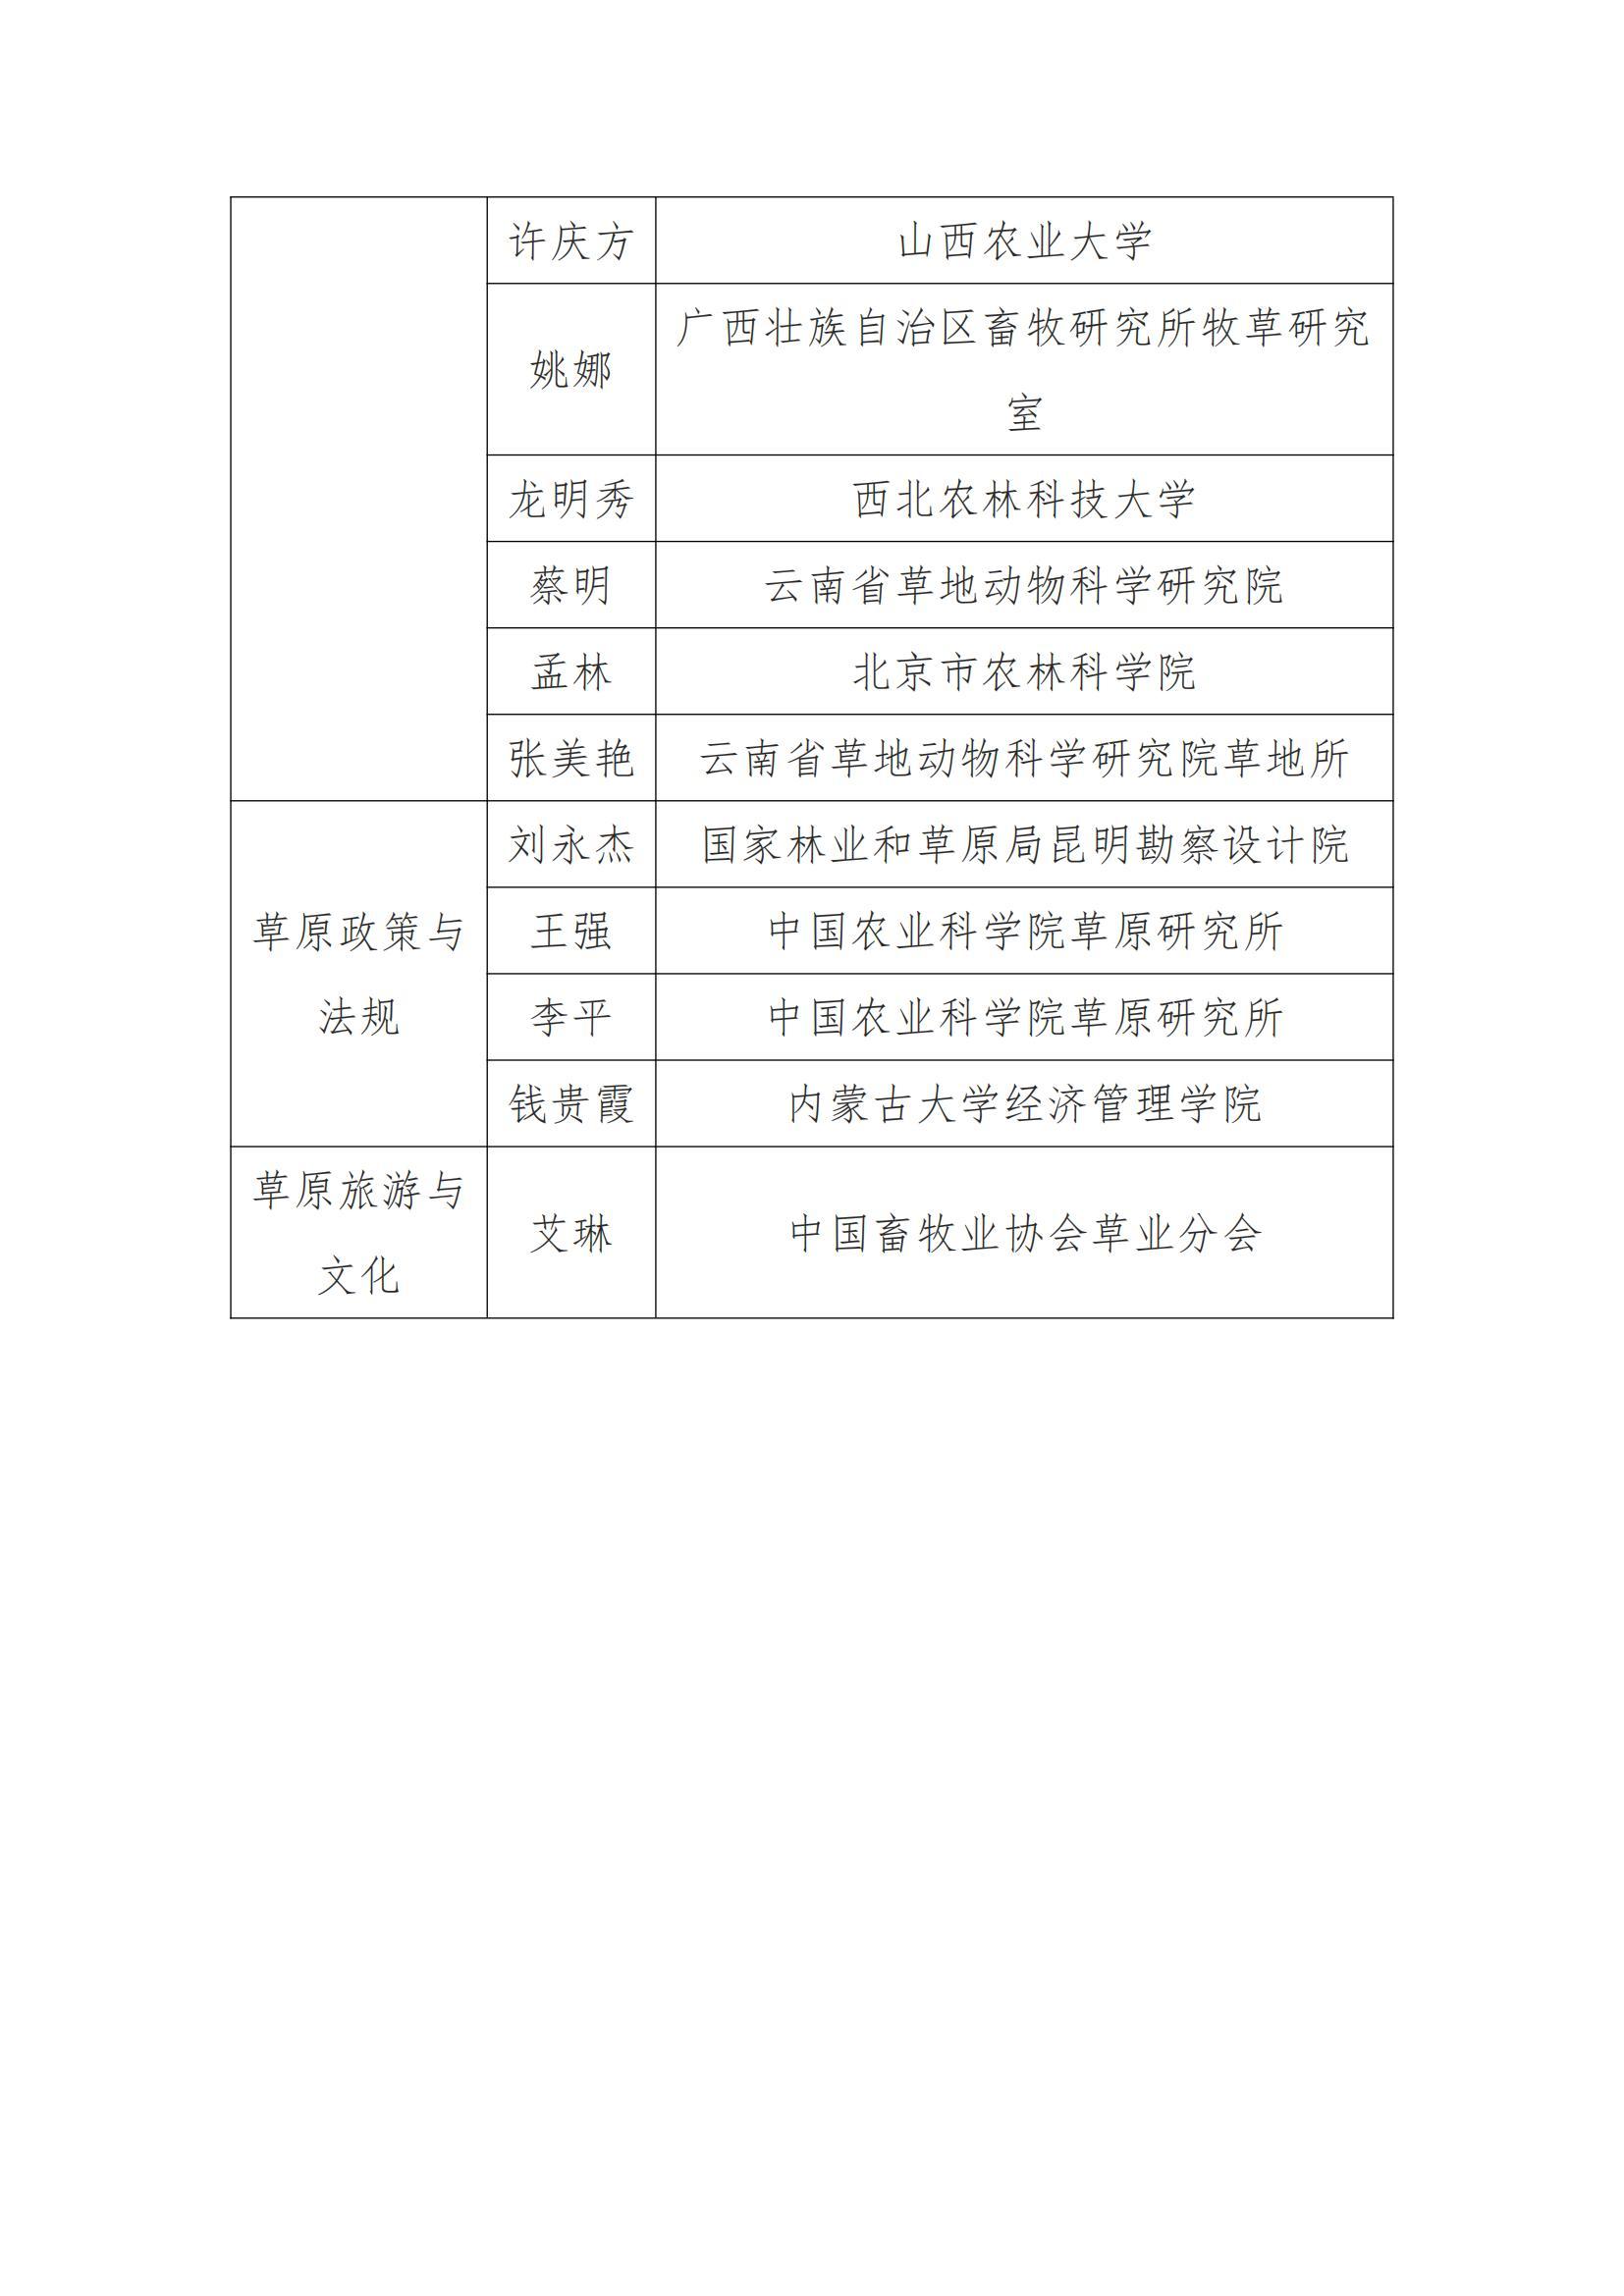 关于公布中国草学会第一批资深咨询和科普培训专家名单的通知_04.jpg